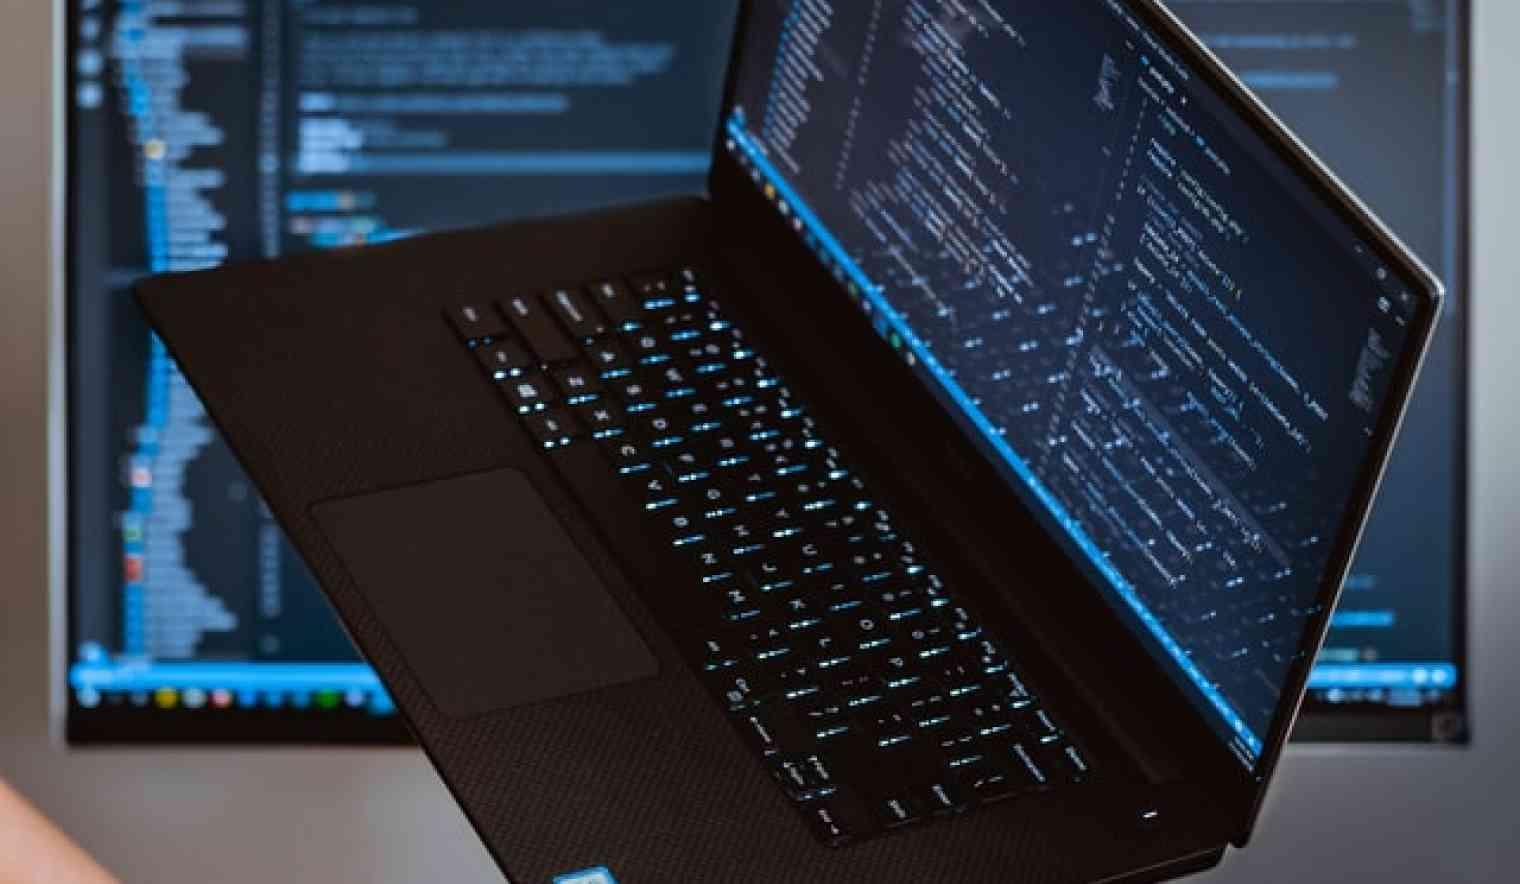 Best Laptop for 3d Designing